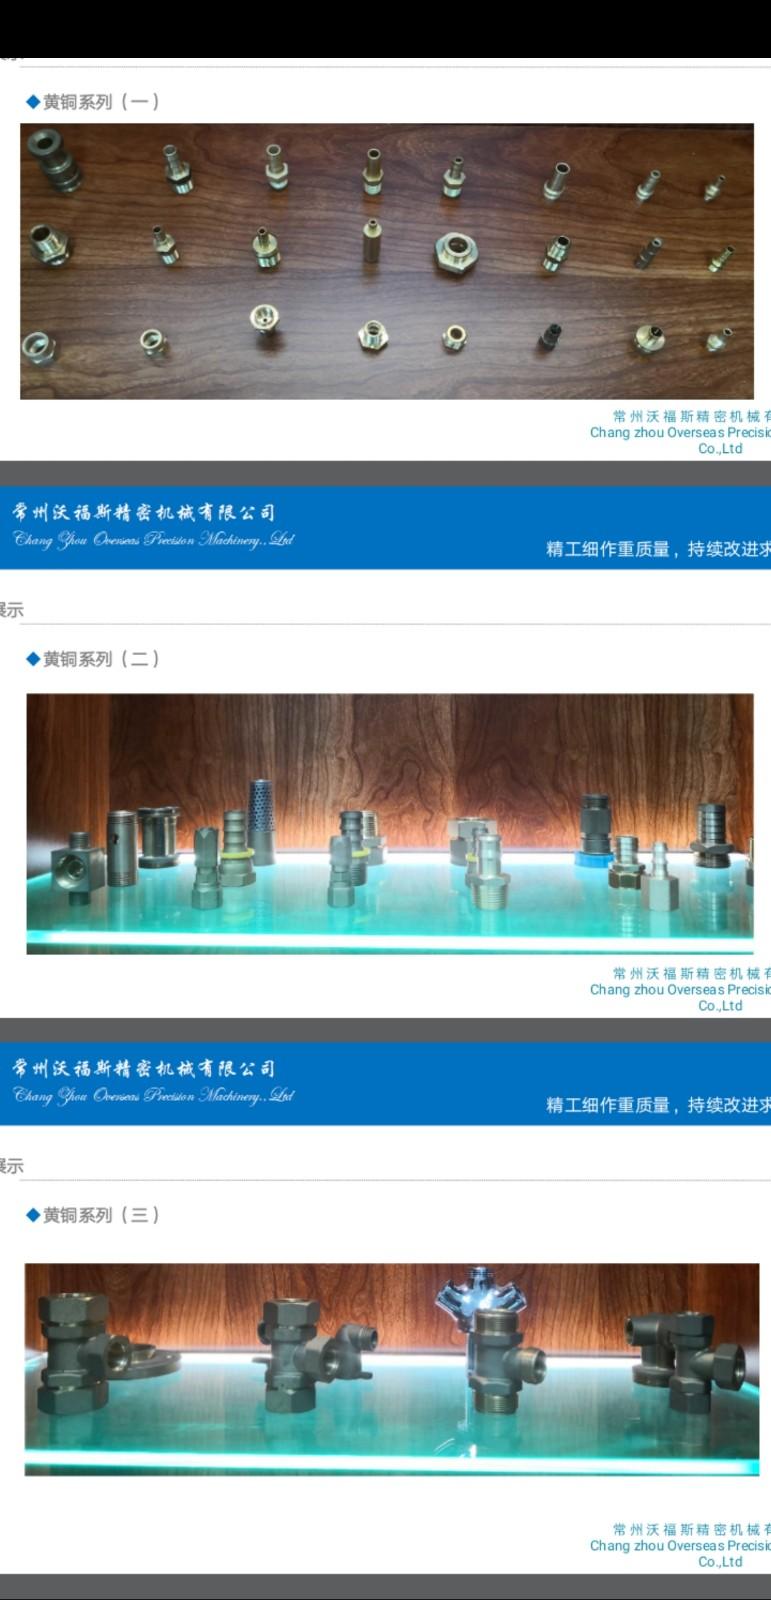 Screenshot_20190617_123010_cn.wps.moffice_eng.jpg